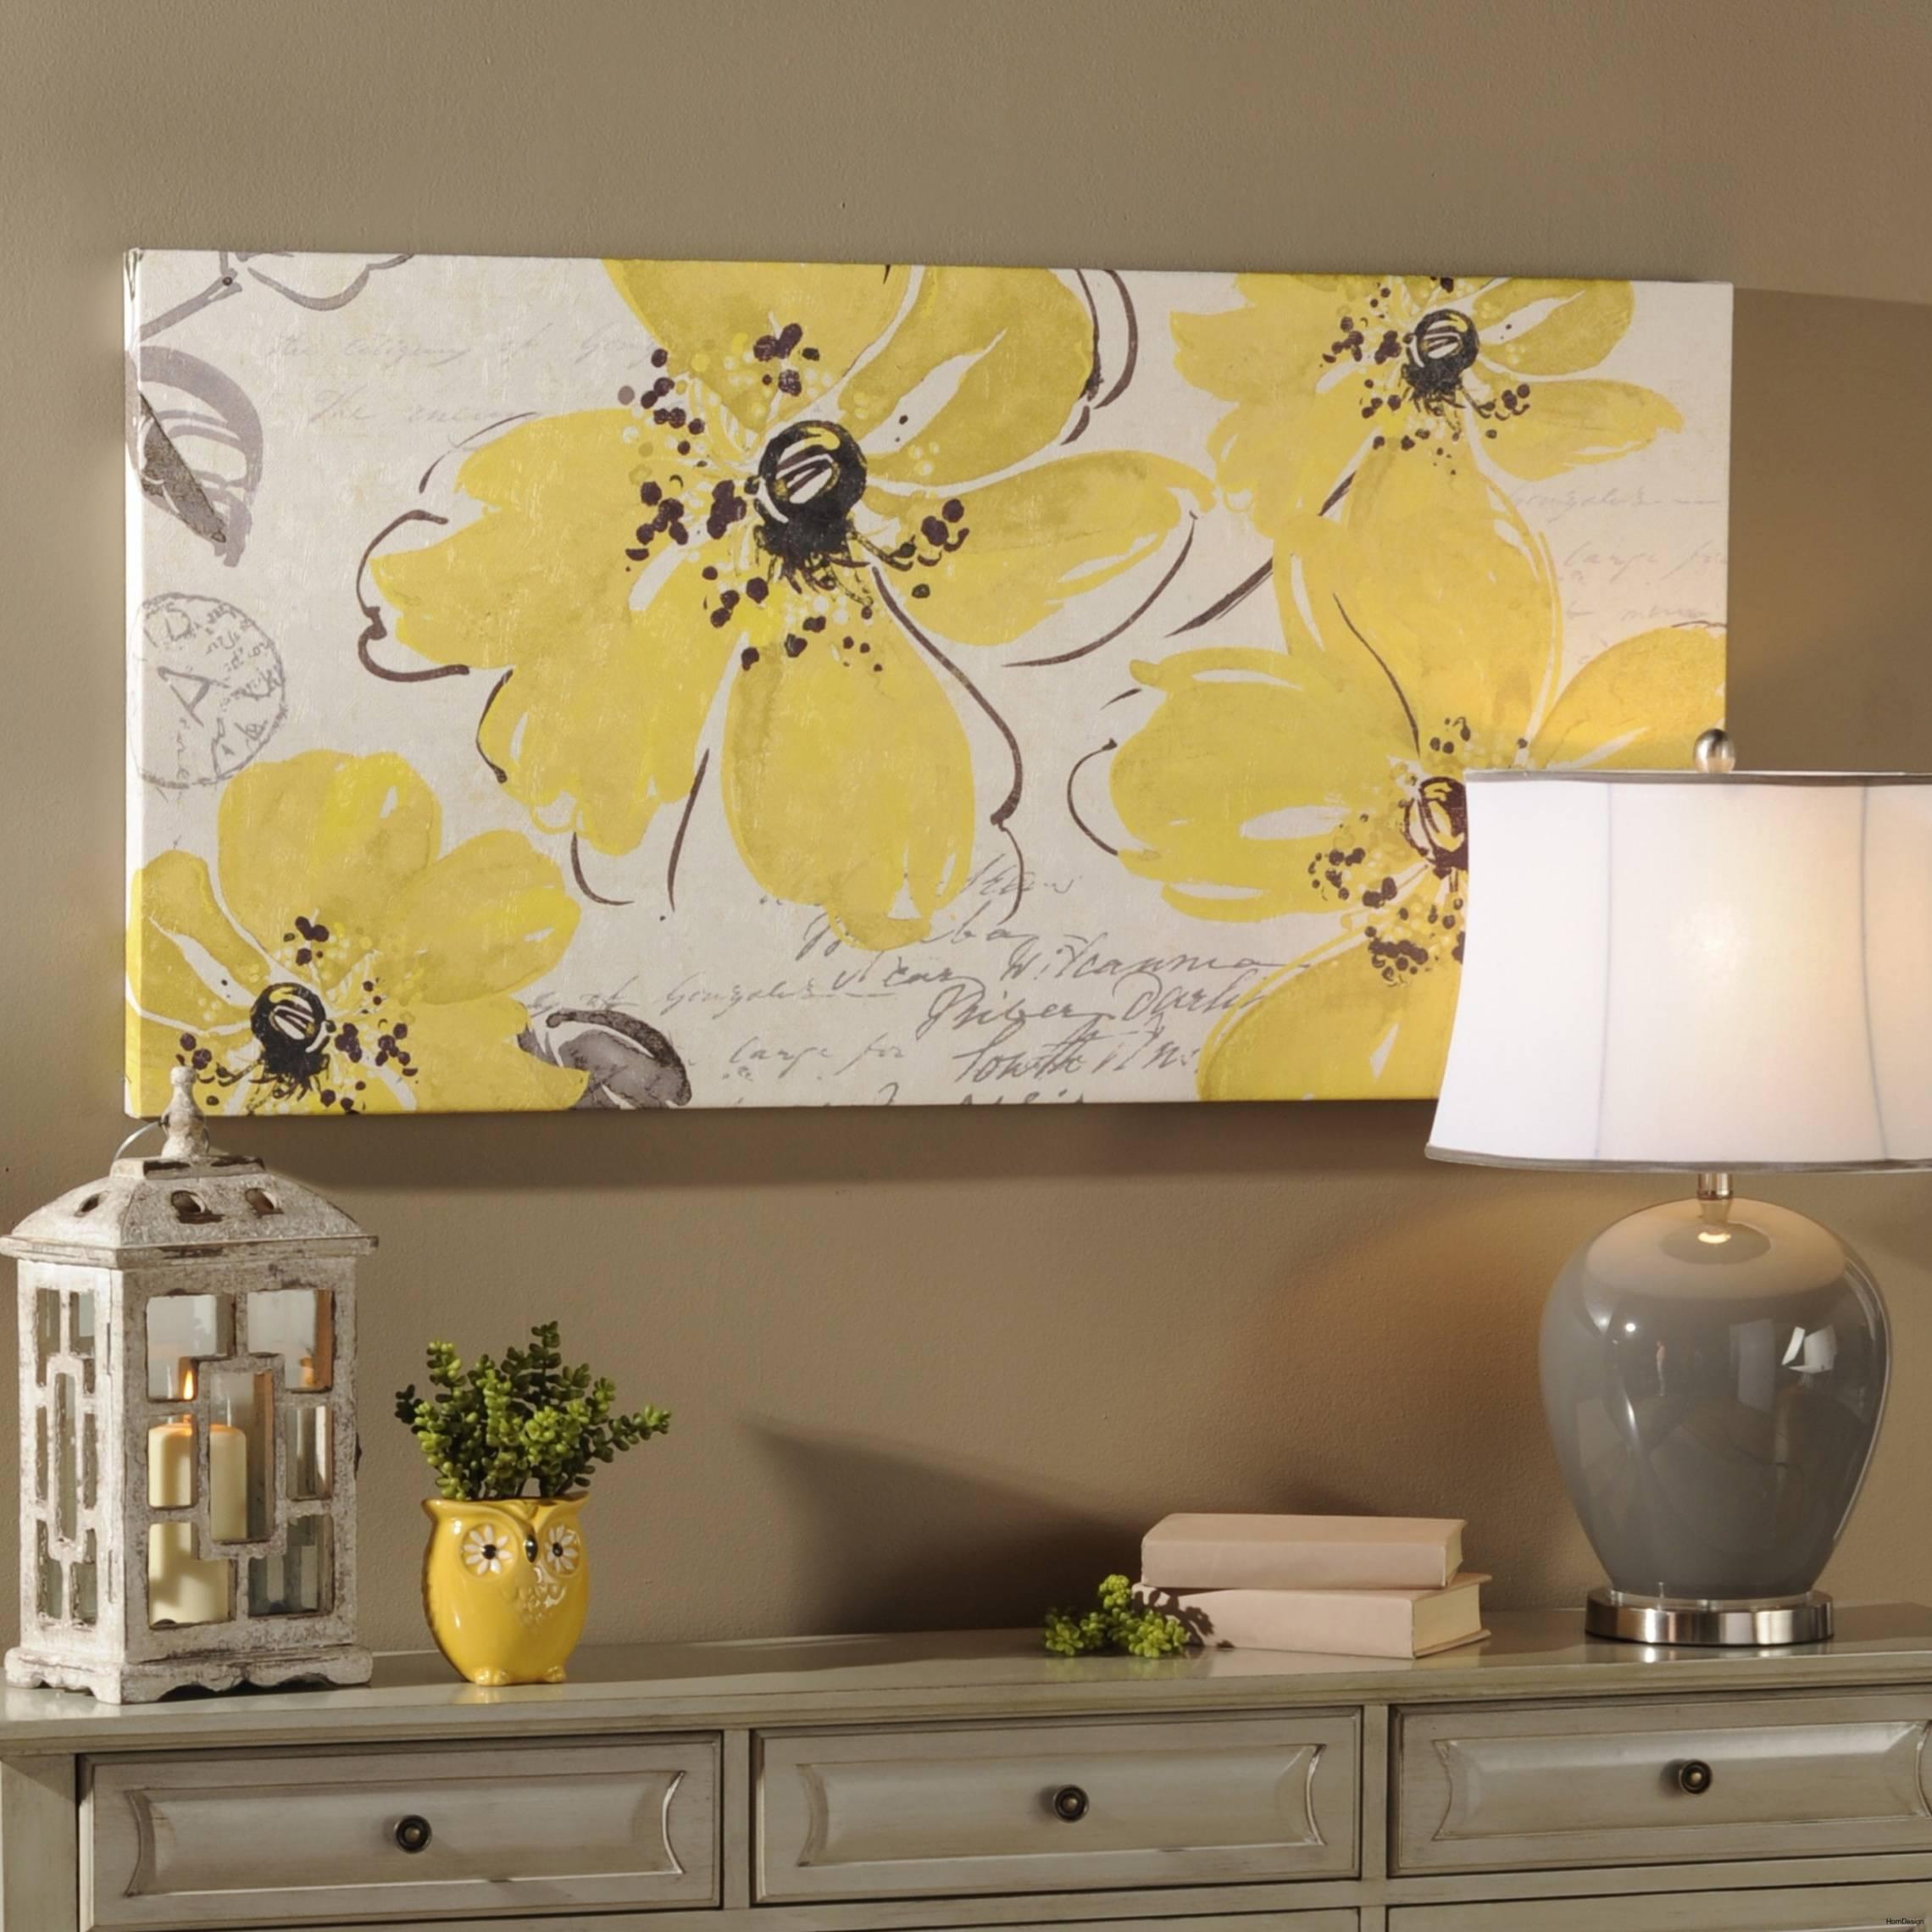 metal wall art panels fresh 1 kirkland wall decor home design 0d deco bibelot design deco bibelot design 1